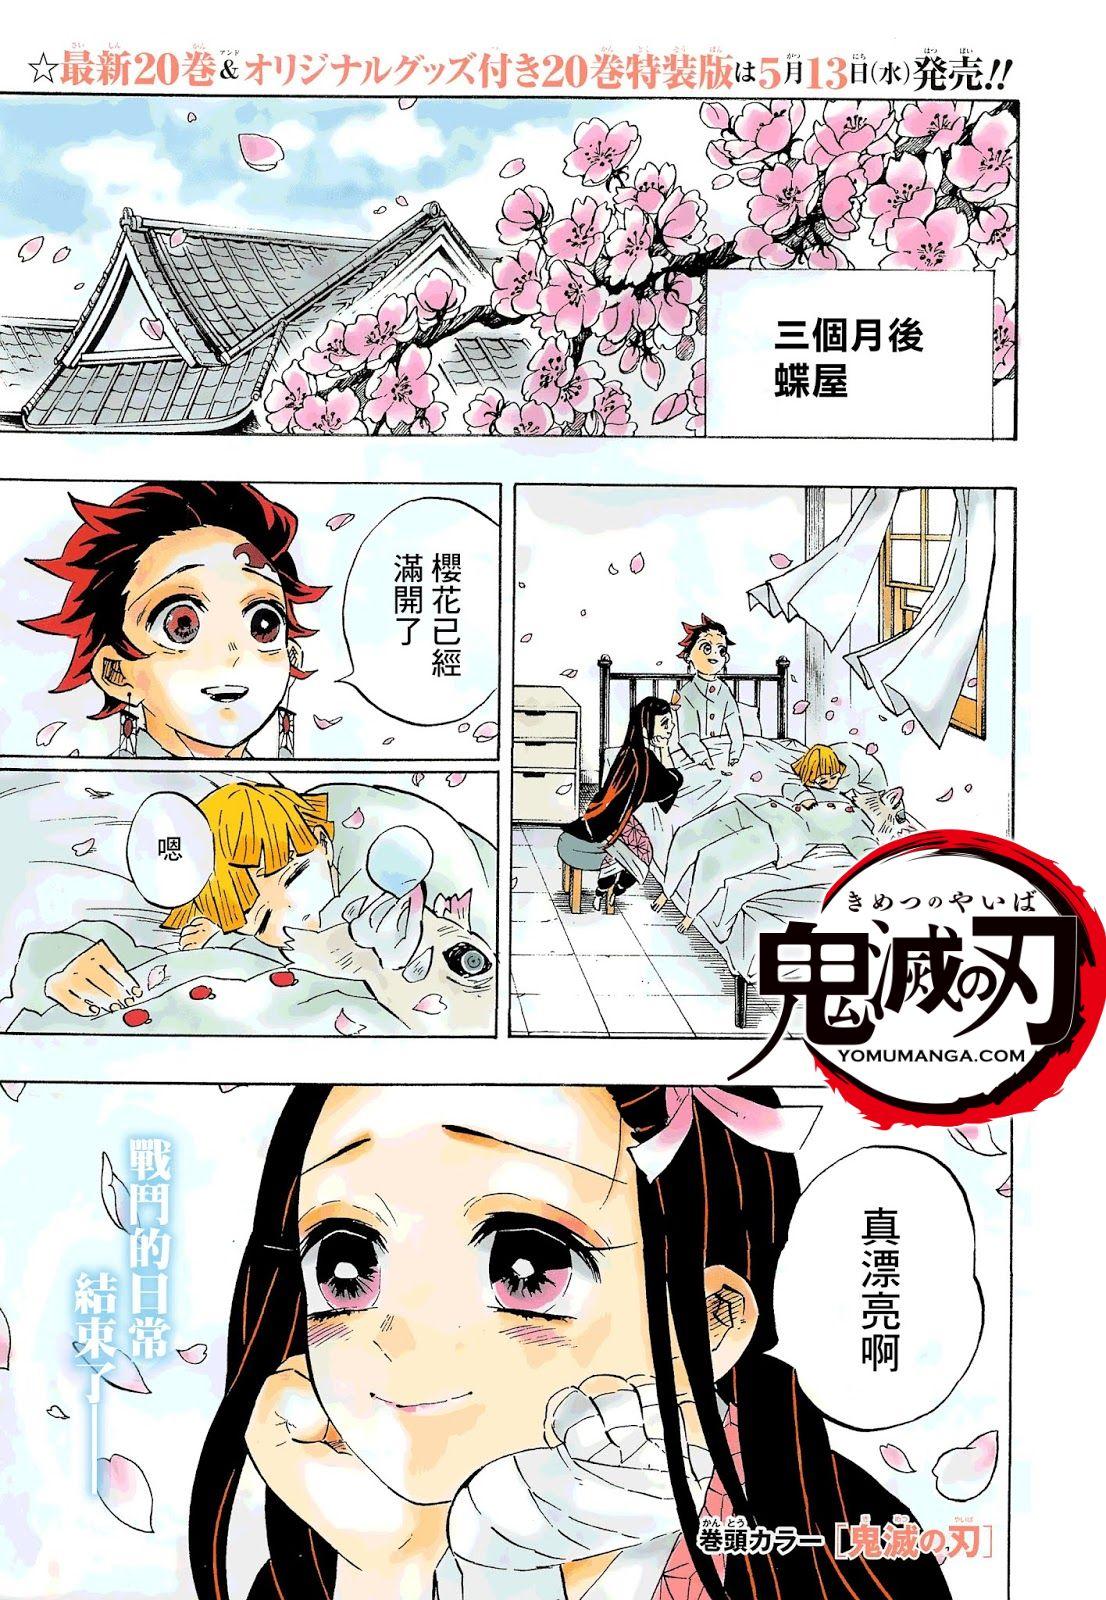 漫画 鬼滅の刃 204 RAW【2020】 | 漫画, 滅, 漫画の壁紙